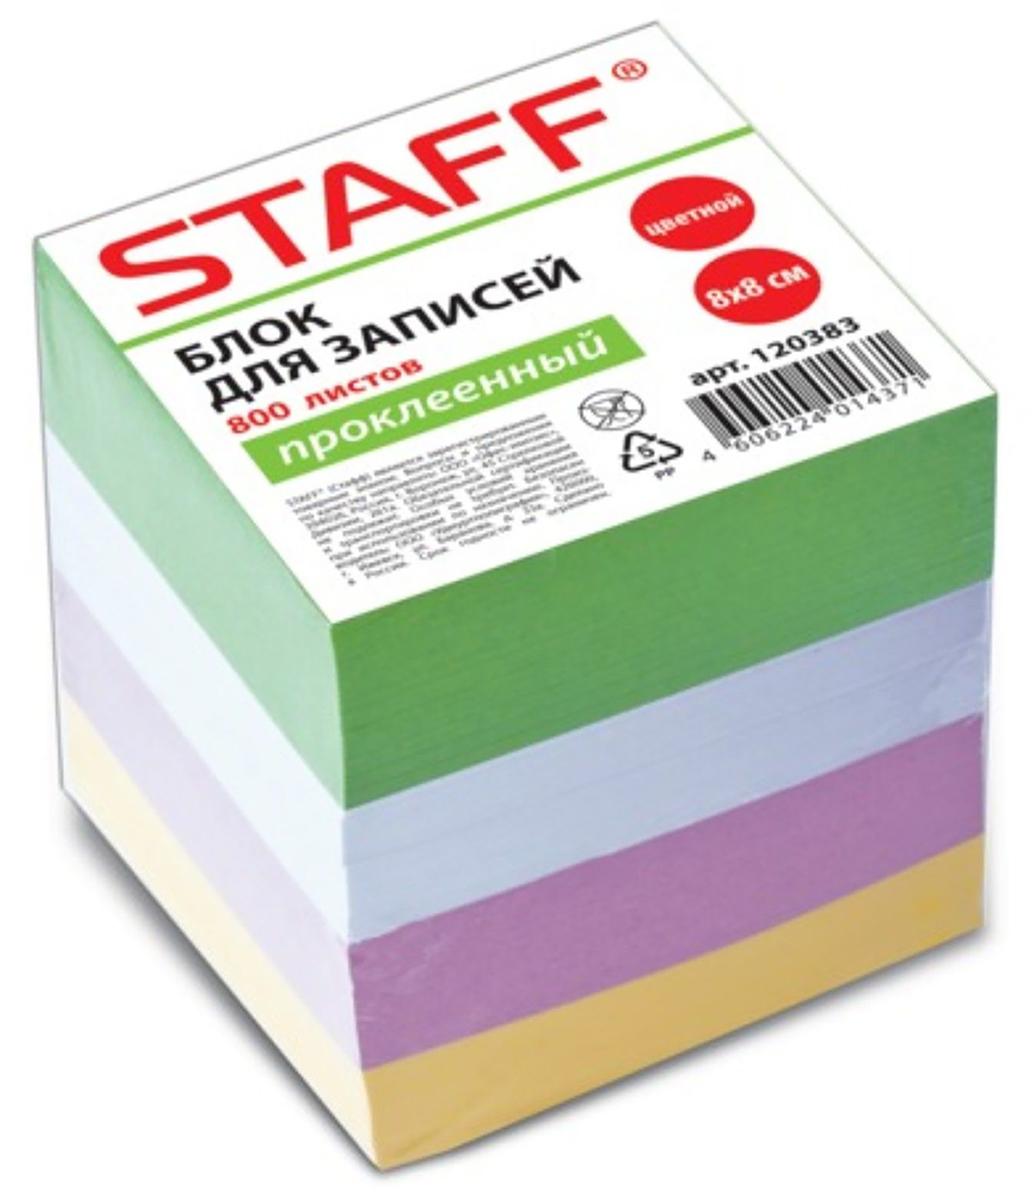 Staff Блок для записей 8 x 8 см 800 листов2065248Невозможно представить нашу жизнь без праздников! Мы всегда ждем их и предвкушаем, обдумываем, как проведем памятный день, тщательно выбираем подарки и аксессуары, ведь именно они создают и поддерживают торжественный настрой. Блок бумаги для записей на склейке 8x8x8 цветной, 800 листов STAFF — это отличный выбор, который привнесет атмосферу праздника в ваш дом!Часто появляется необходимость оставить небольшое послание коллеге, сделать пометку для родных или запомнить нужный телефон?Чтобы зафиксировать важную информацию, достаточно иметь при себе неброский, но необходимый в быту предмет — Блок бумаги для записей на склейке 8x8x8 цветной, 800 листов STAFF. Этот канцелярский аксессуар займет минимум места в сумке или на рабочем столе.